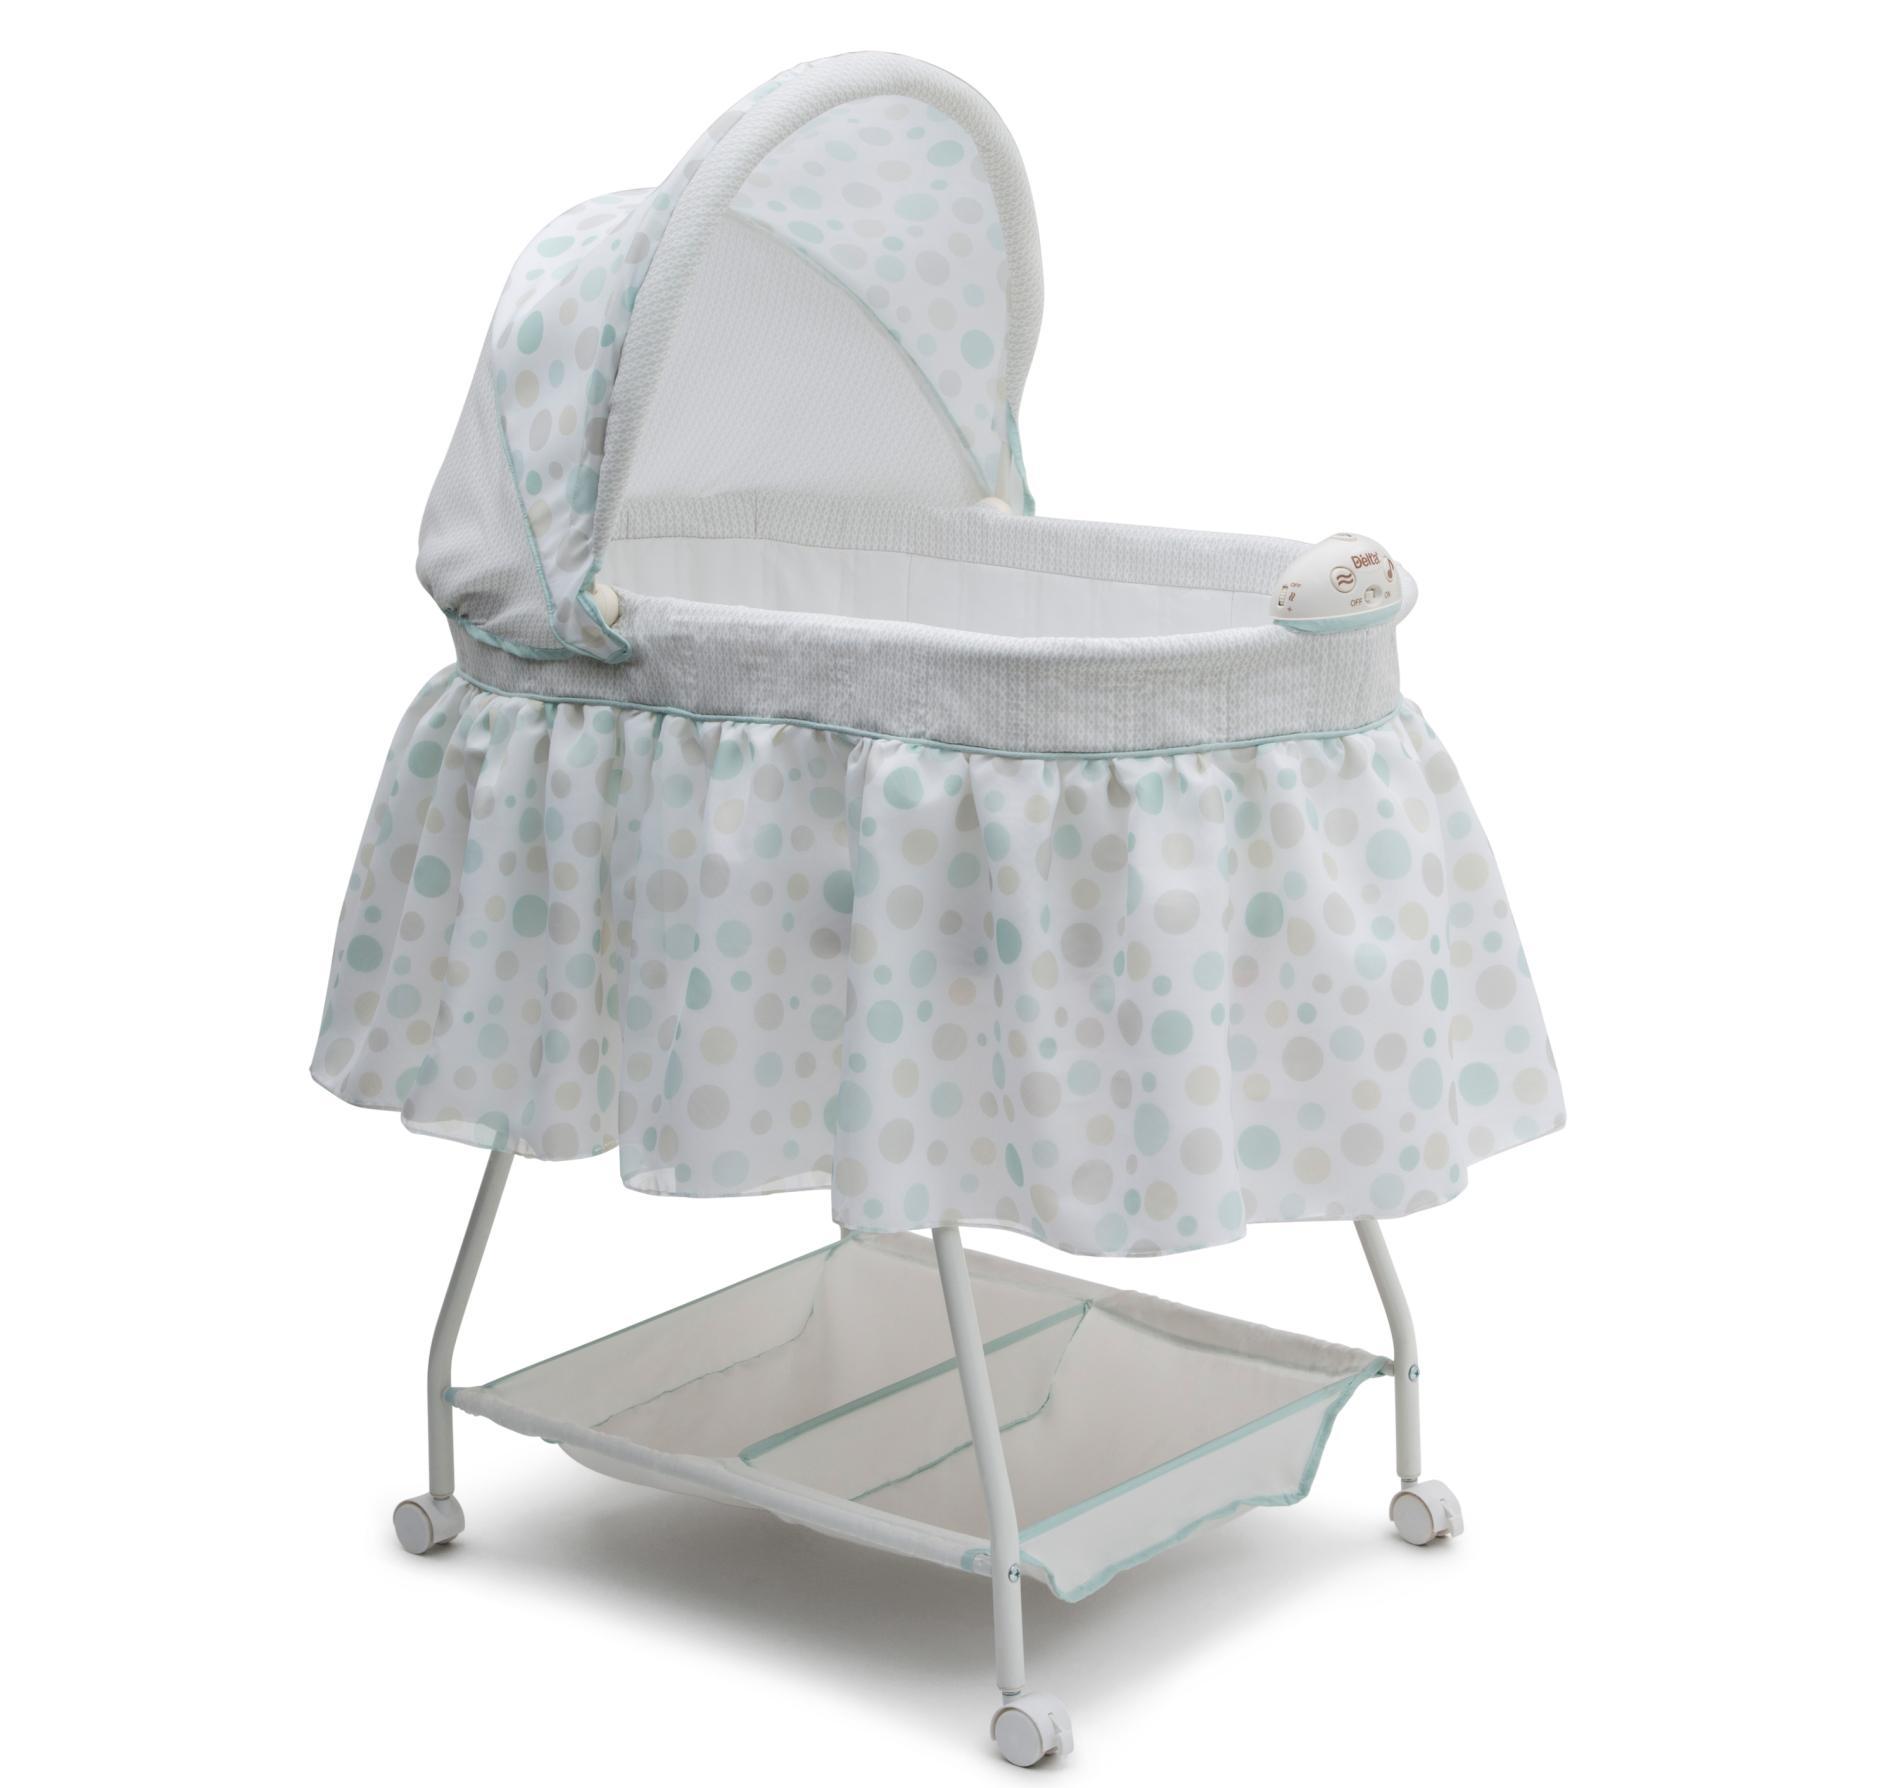 baby bassinet delta children infantu0027s sweet beginnings bassinet - dots DBMPVNZ